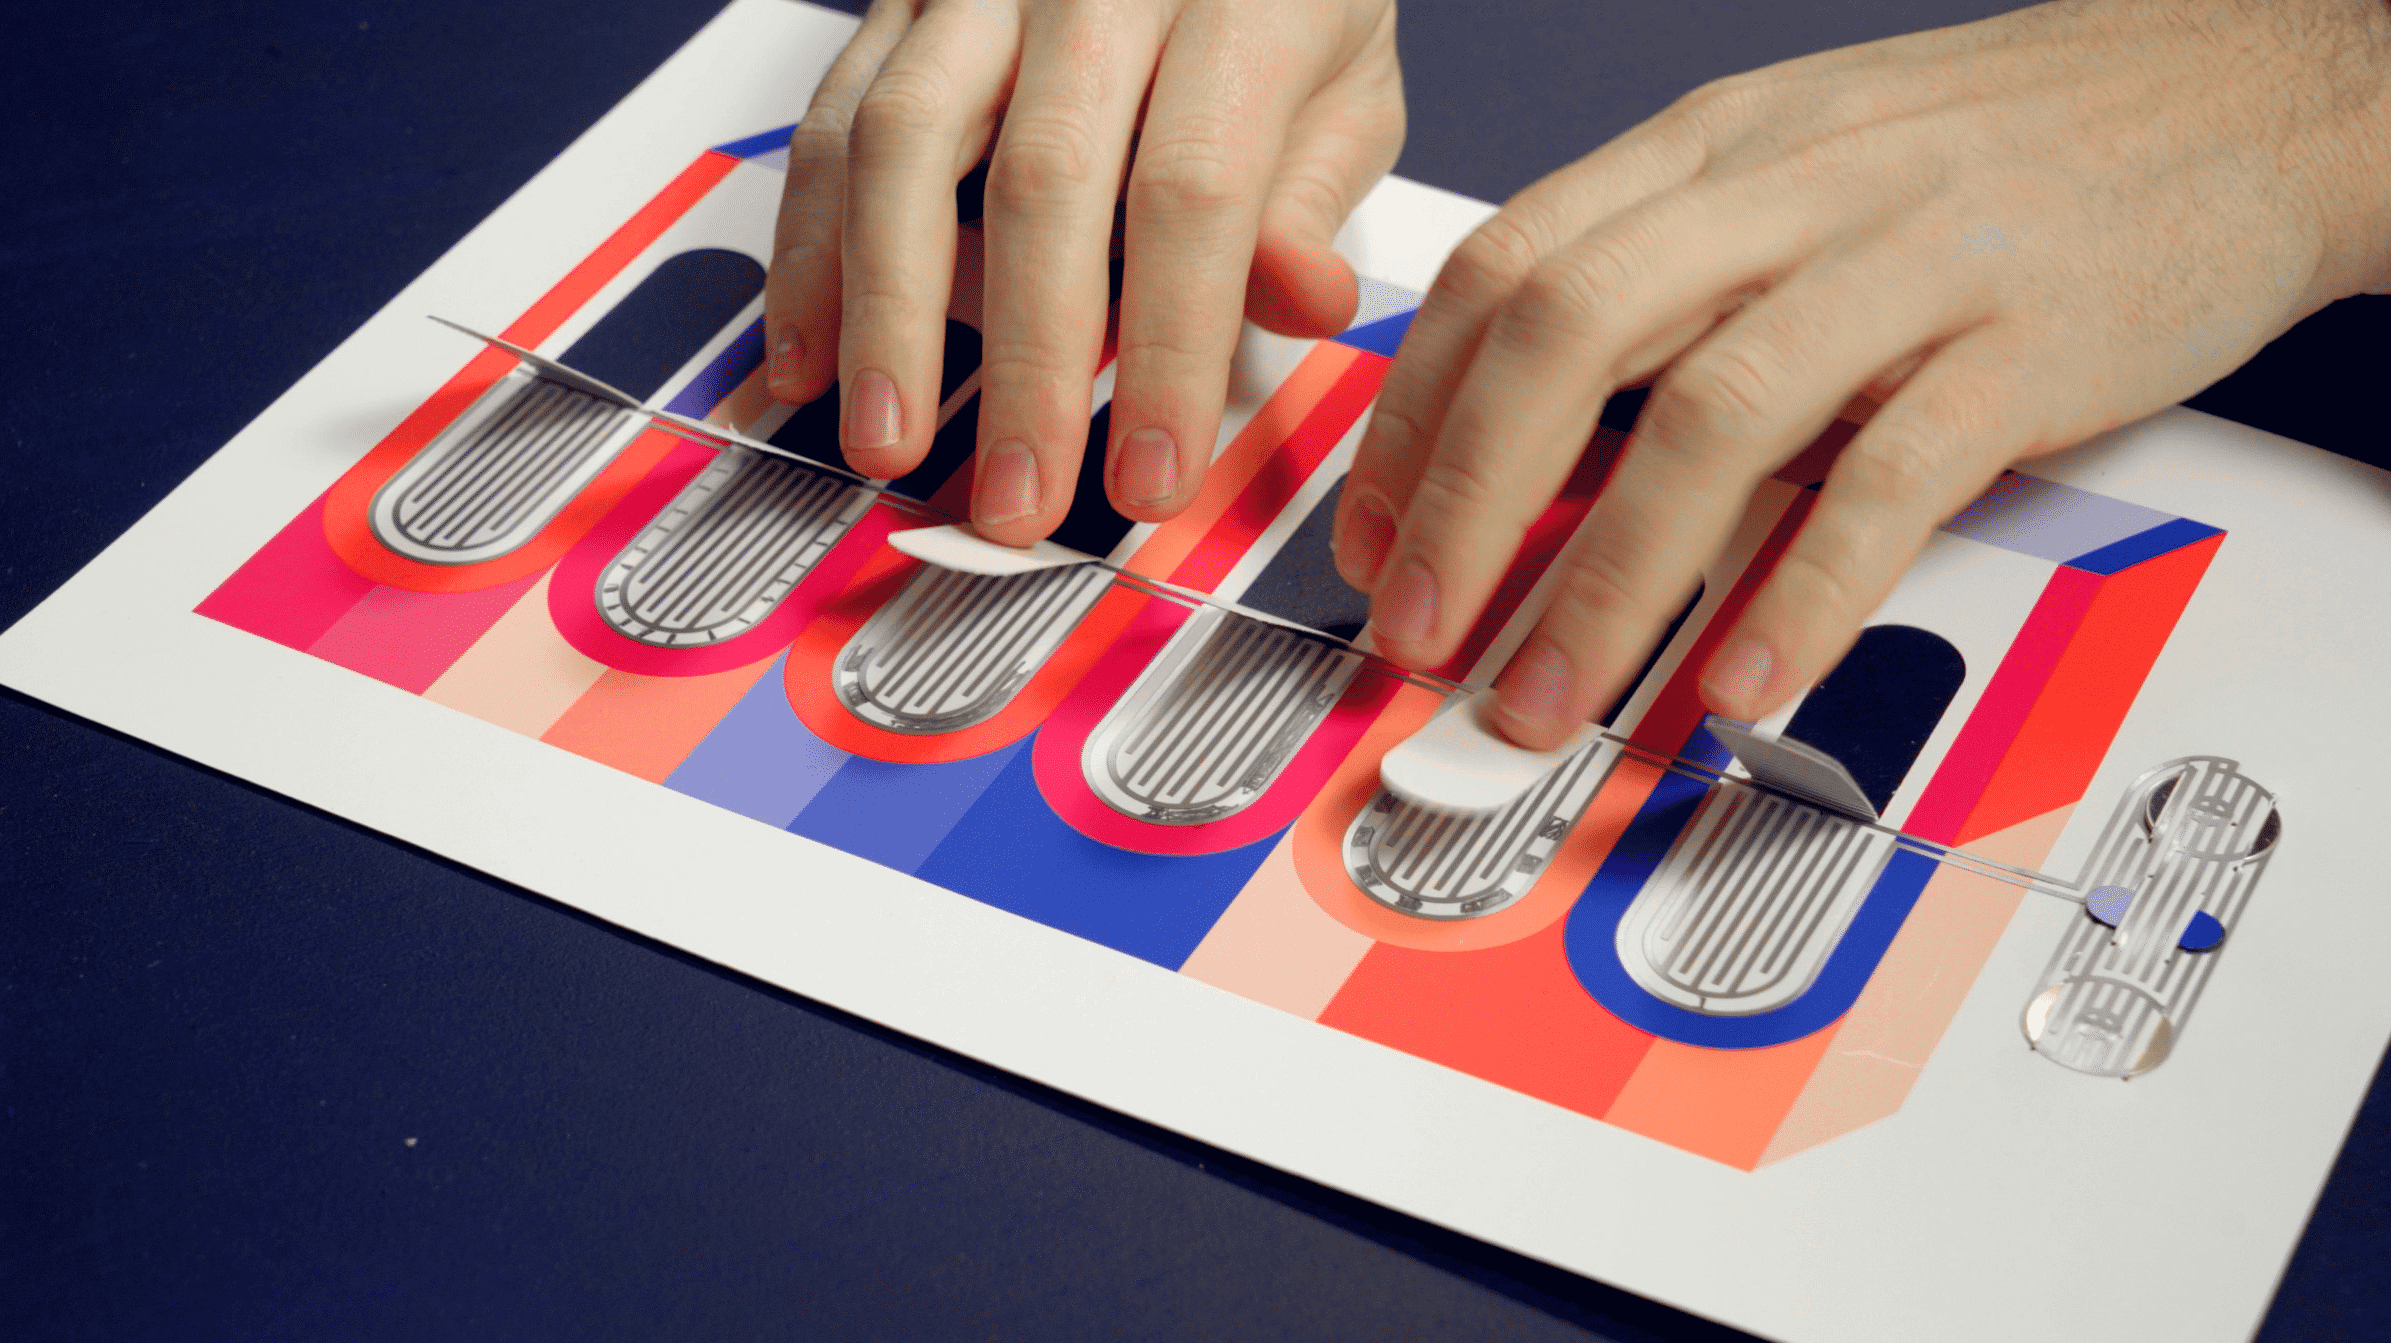 Zwei Hände spielen ein Papierklavier